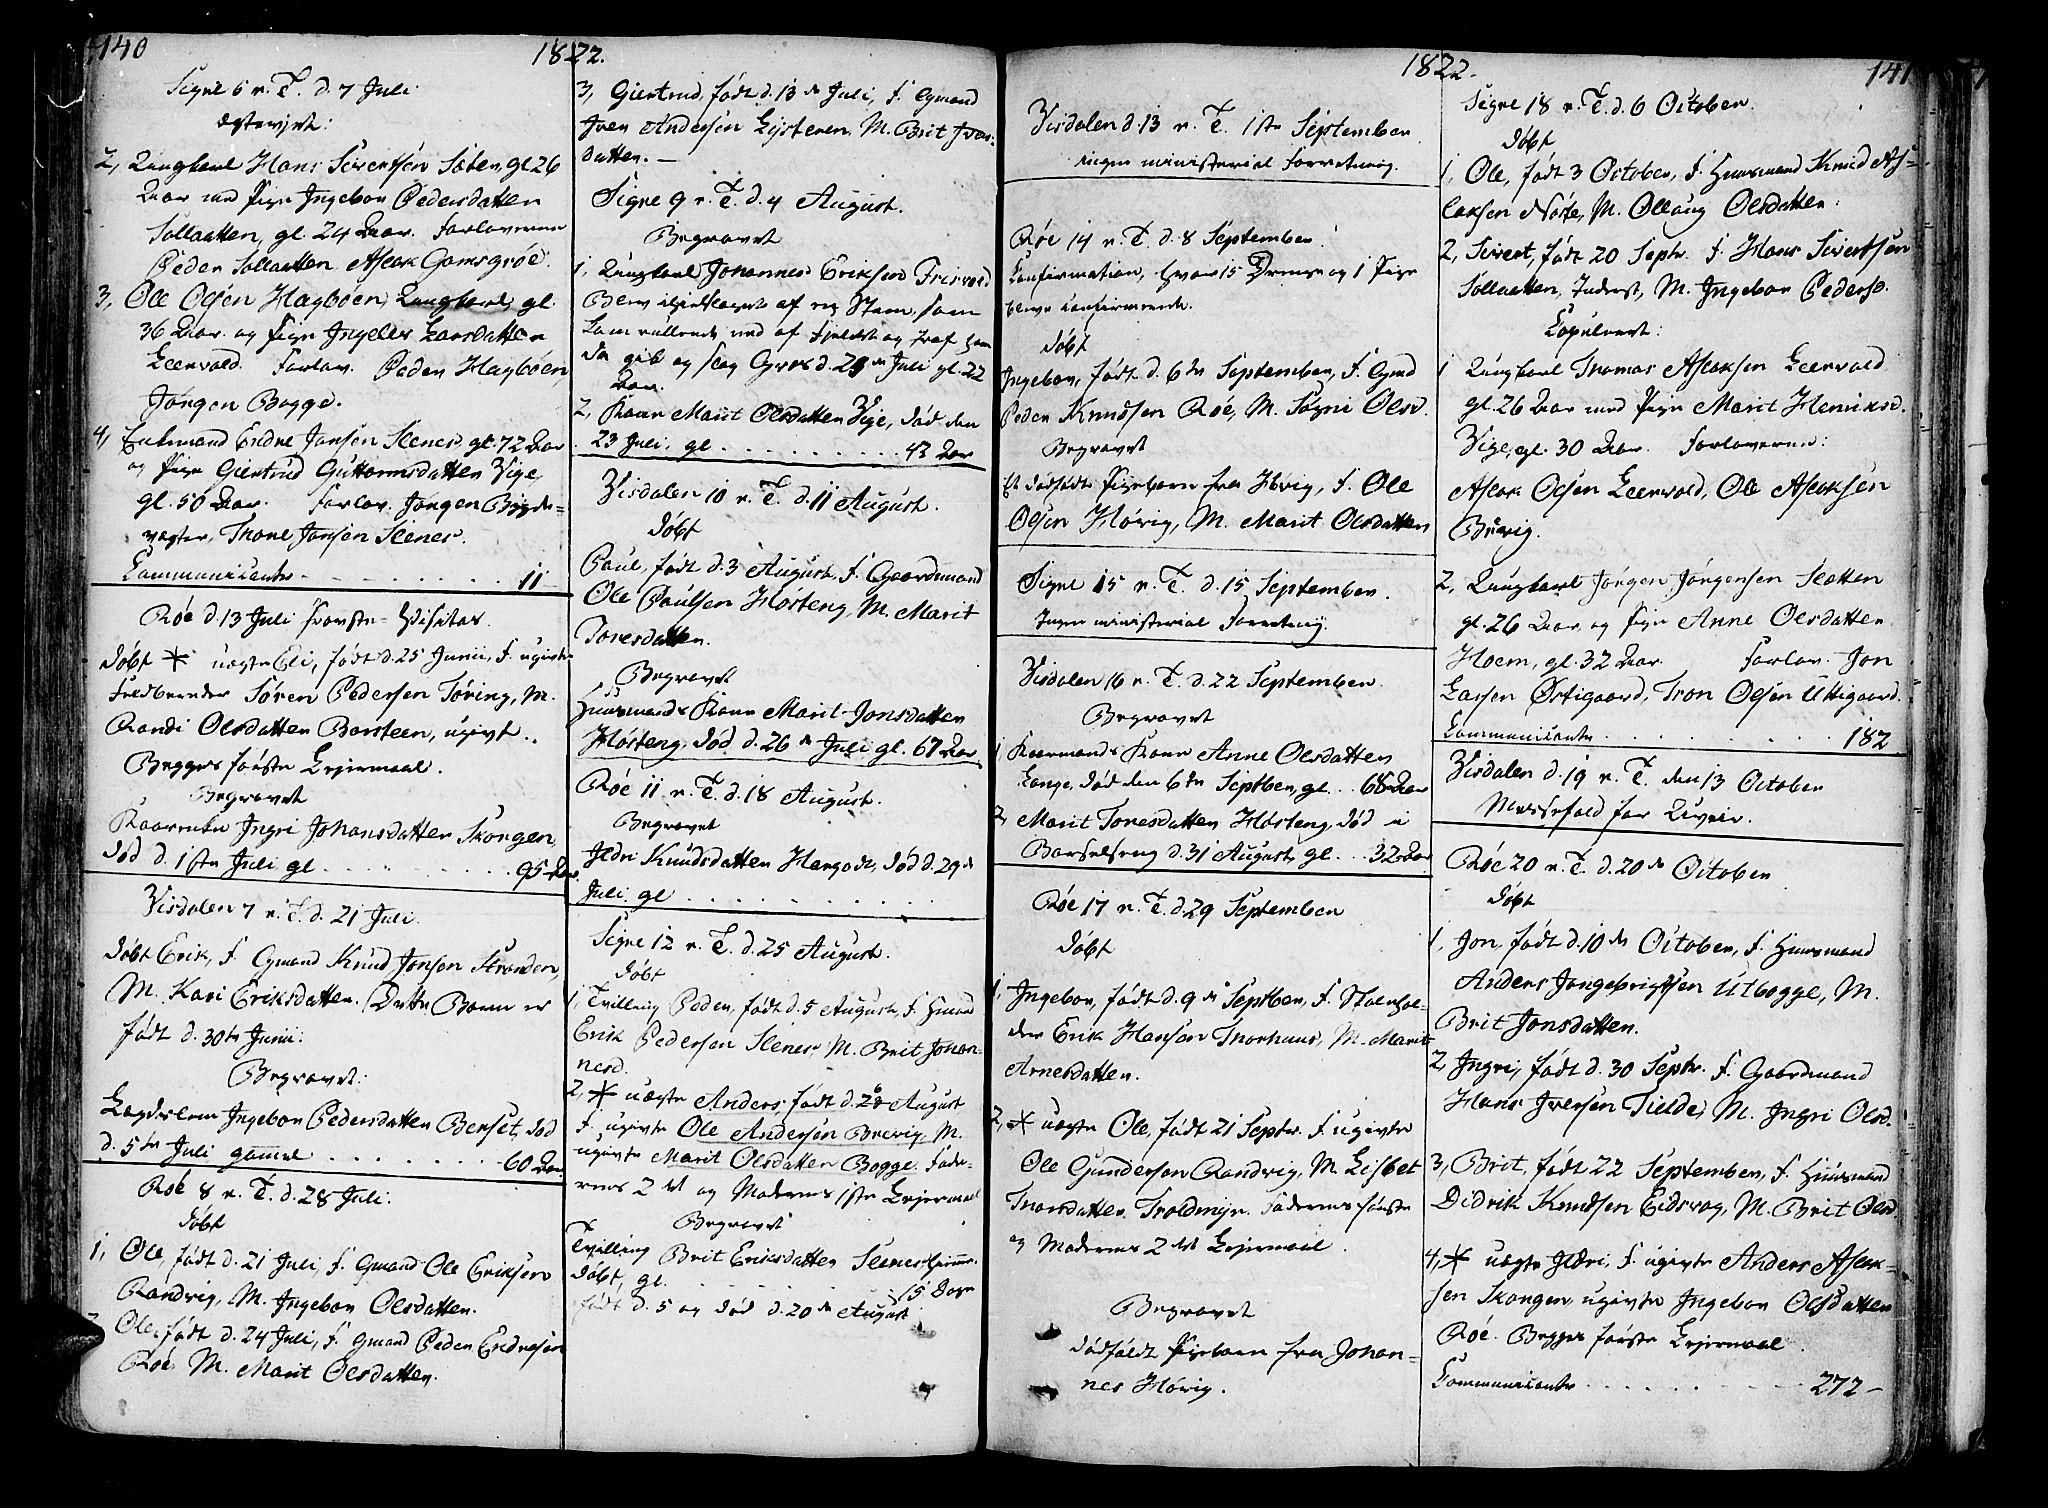 SAT, Ministerialprotokoller, klokkerbøker og fødselsregistre - Møre og Romsdal, 551/L0622: Ministerialbok nr. 551A02, 1804-1845, s. 140-141